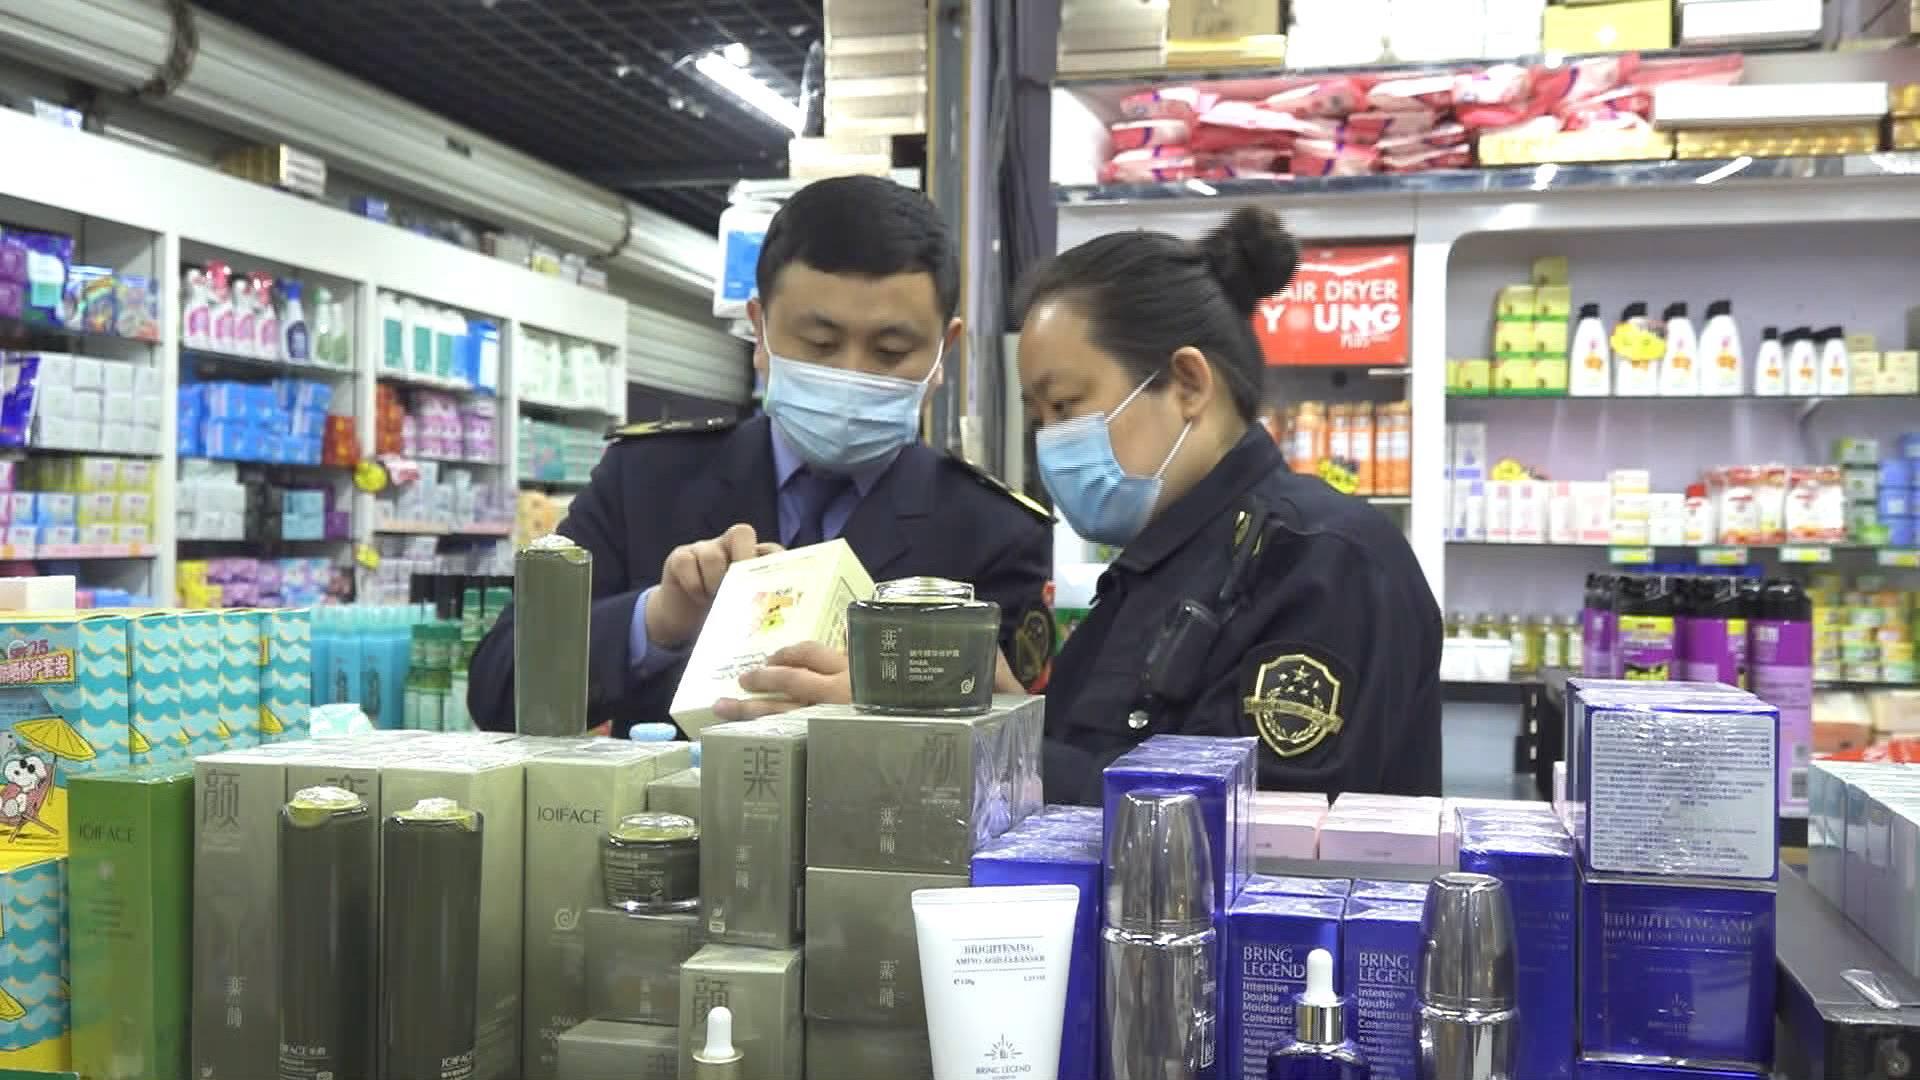 240秒丨淄博存在化妆品标签内容不全 产品过期现象  三家违规销售商家均被查封